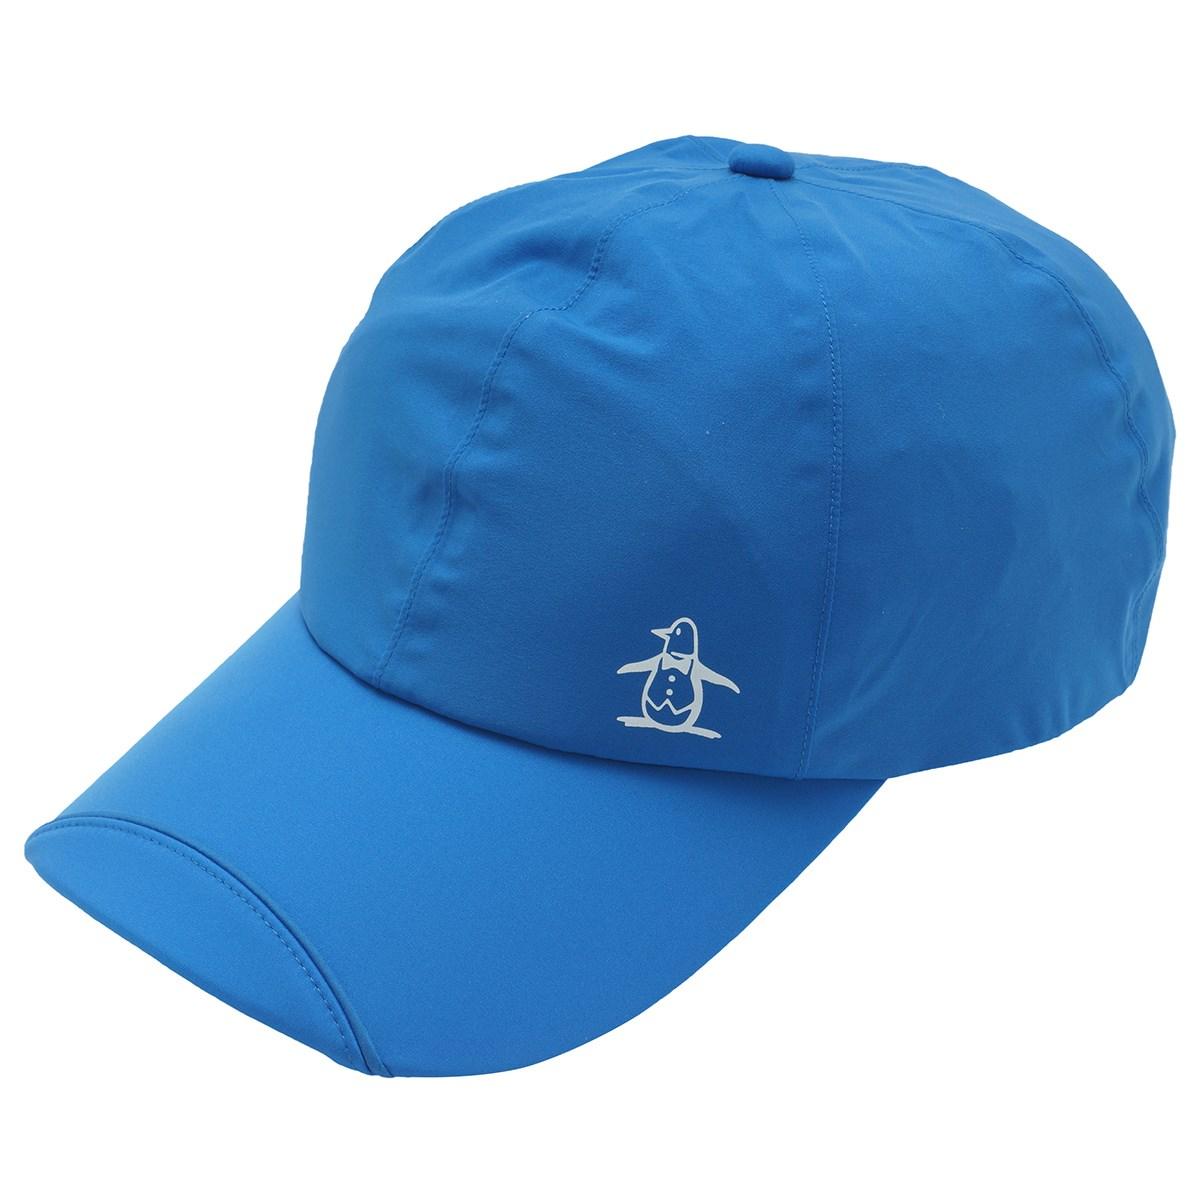 マンシングウェア Munsingwear レインキャップ フリー ブルー 00